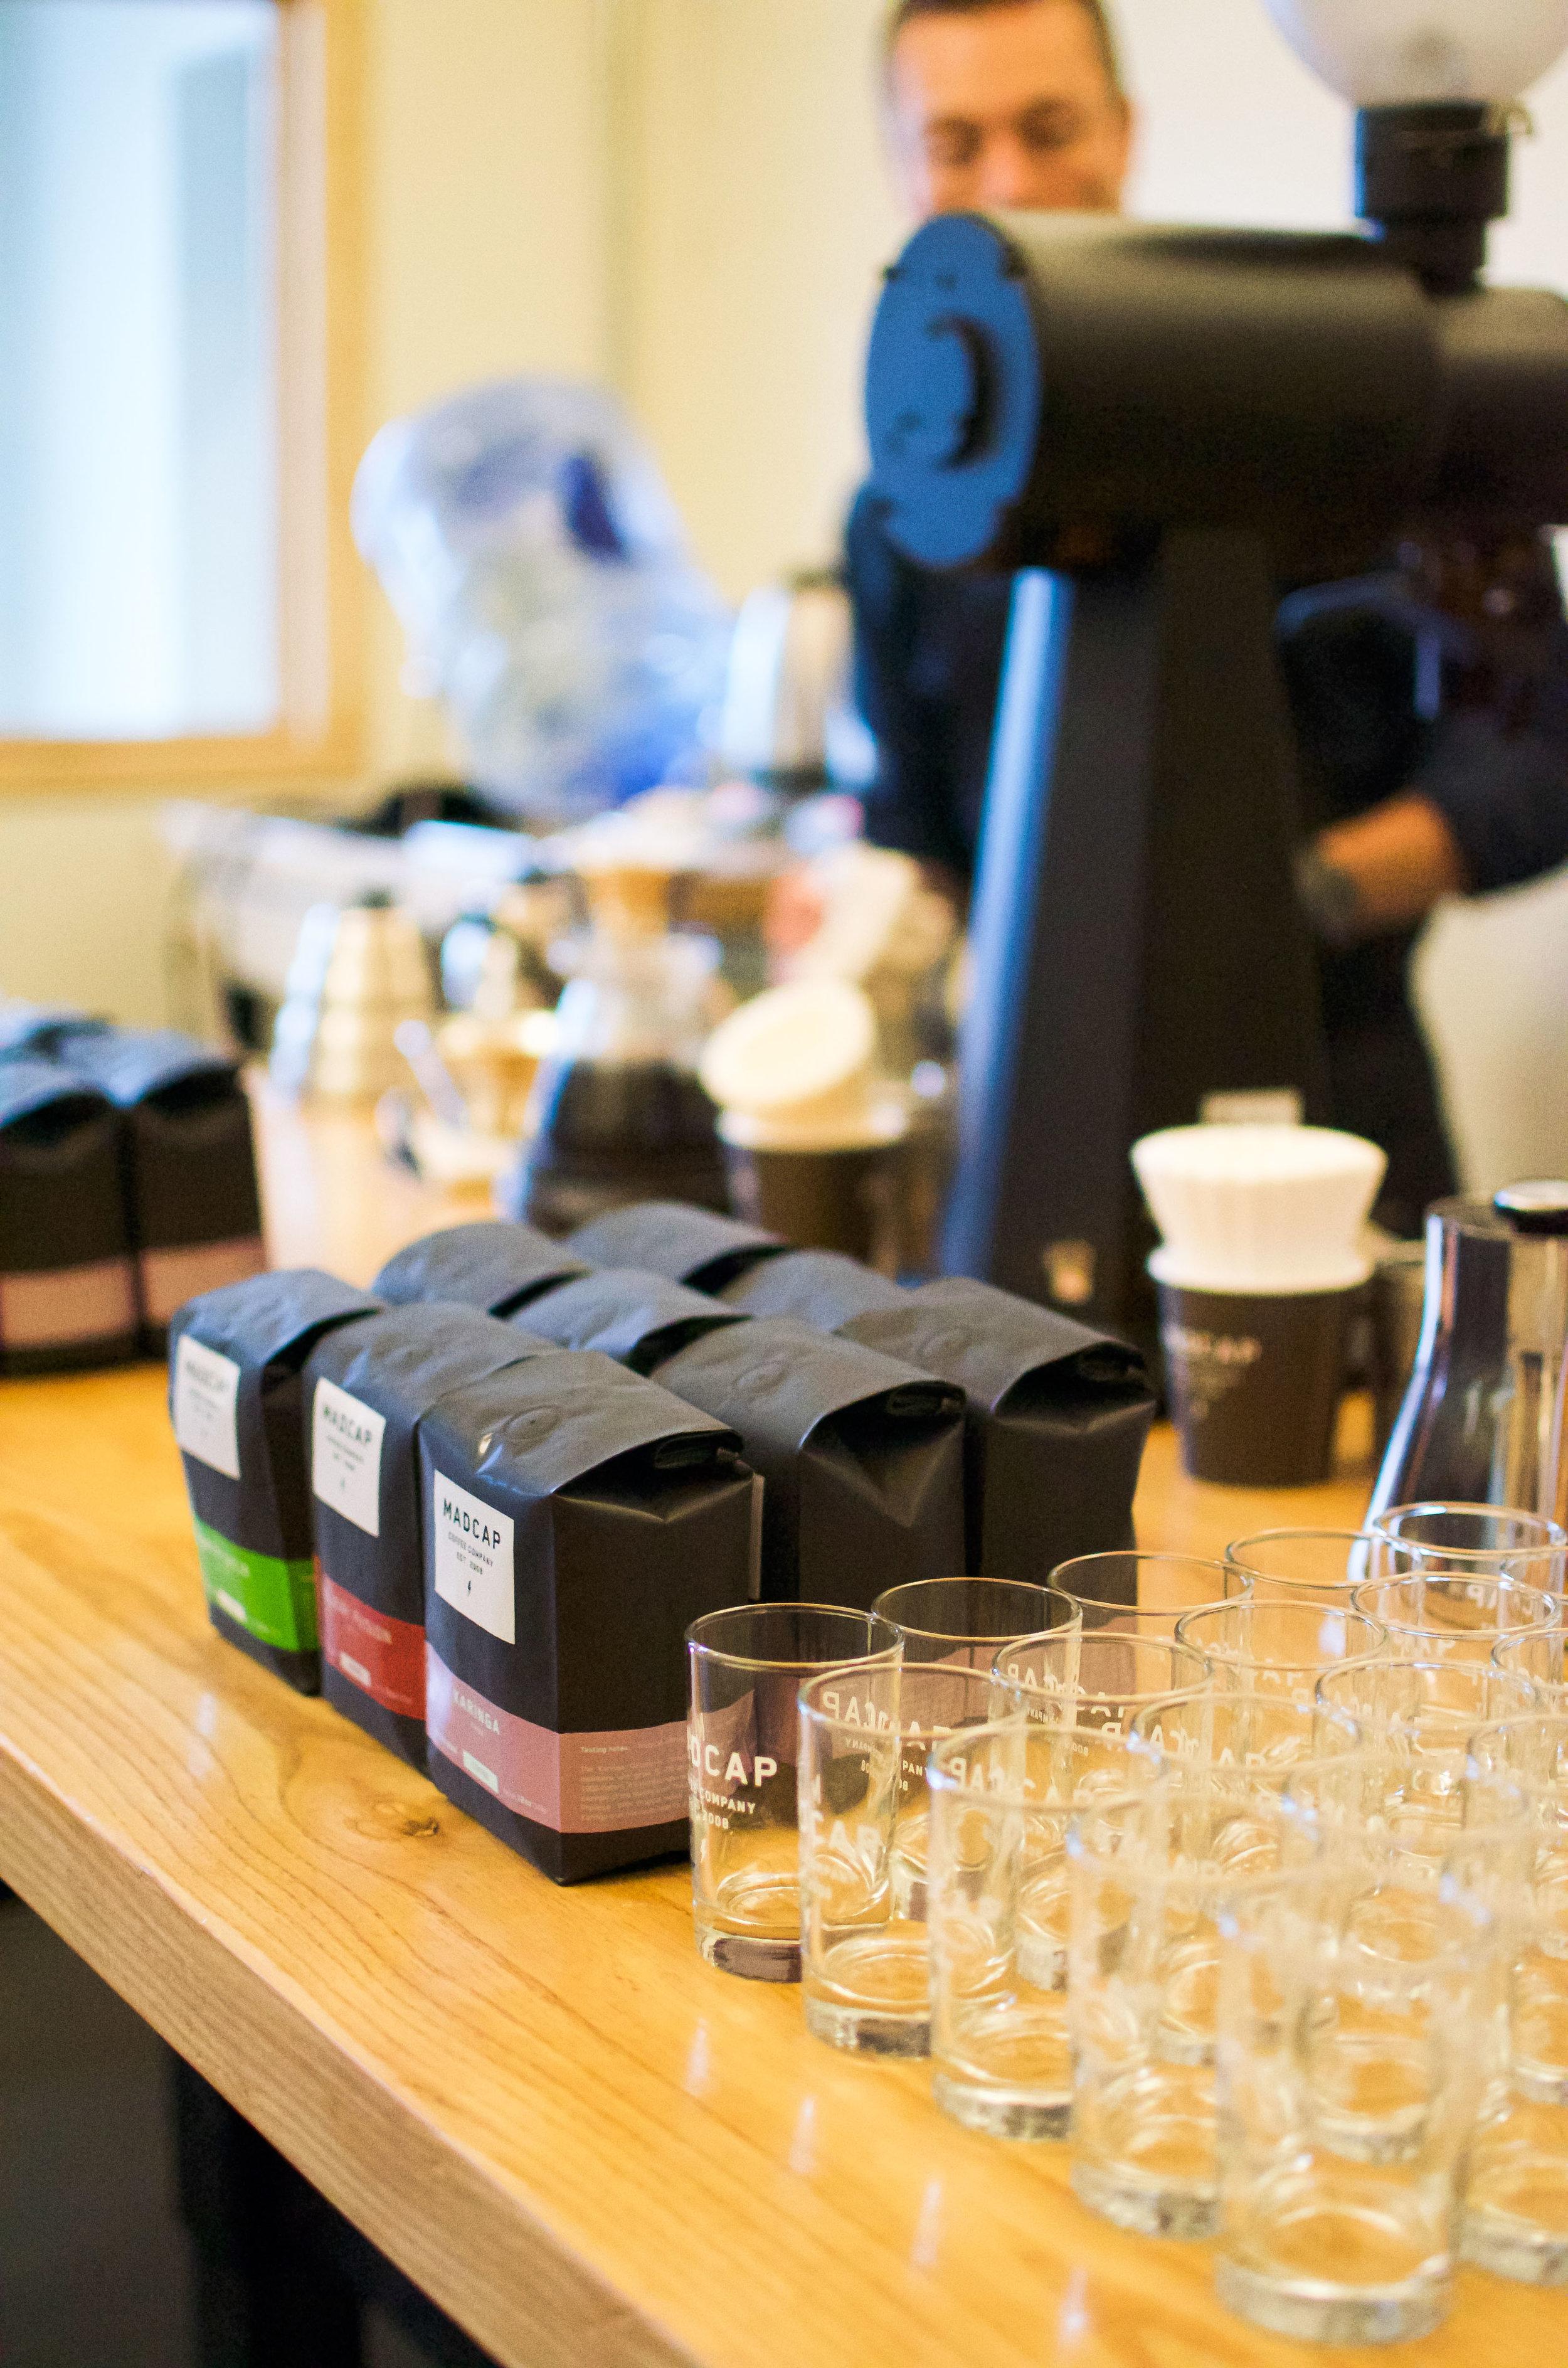 Wendling_Boyd_Daily_Fika_Coffee_Madcap-10.jpg